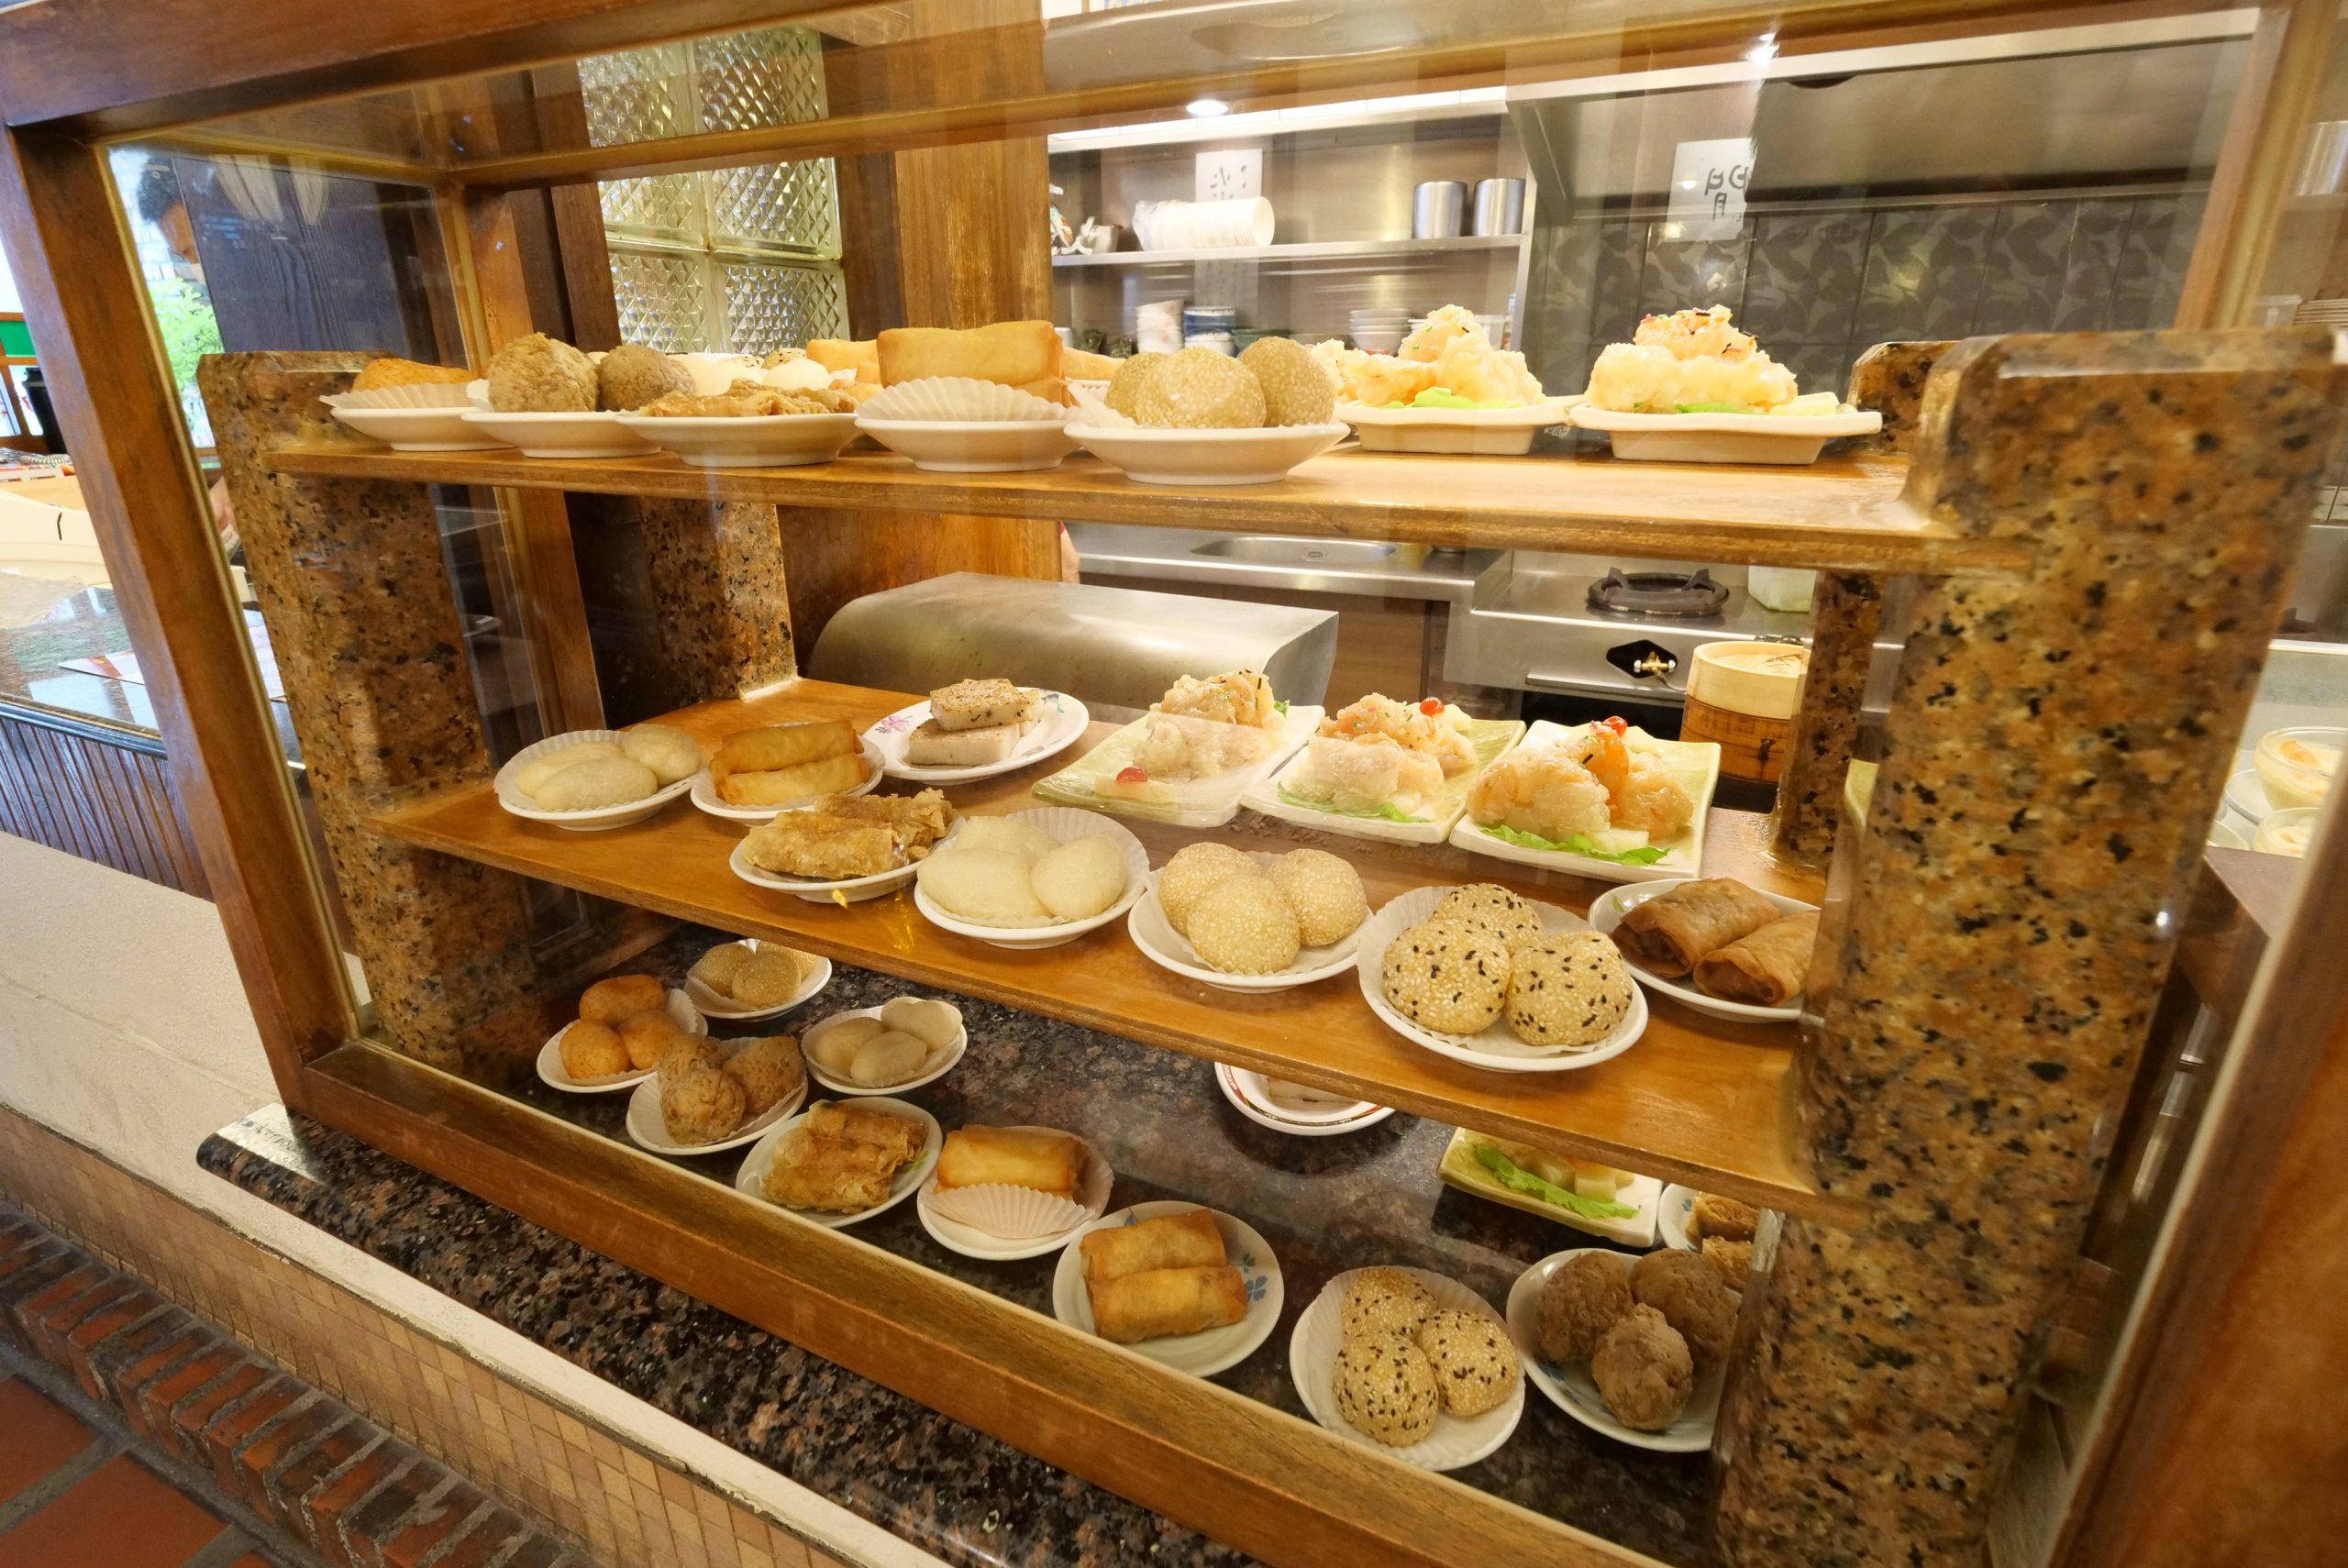 花蓮美食⎮陳記狀元粥舖。港式點心超美味,老牌店家粥品綿密細緻,還有滿滿小菜櫃,讓你眼花撩亂! @捲捲頭 Wonderful 品味。生活